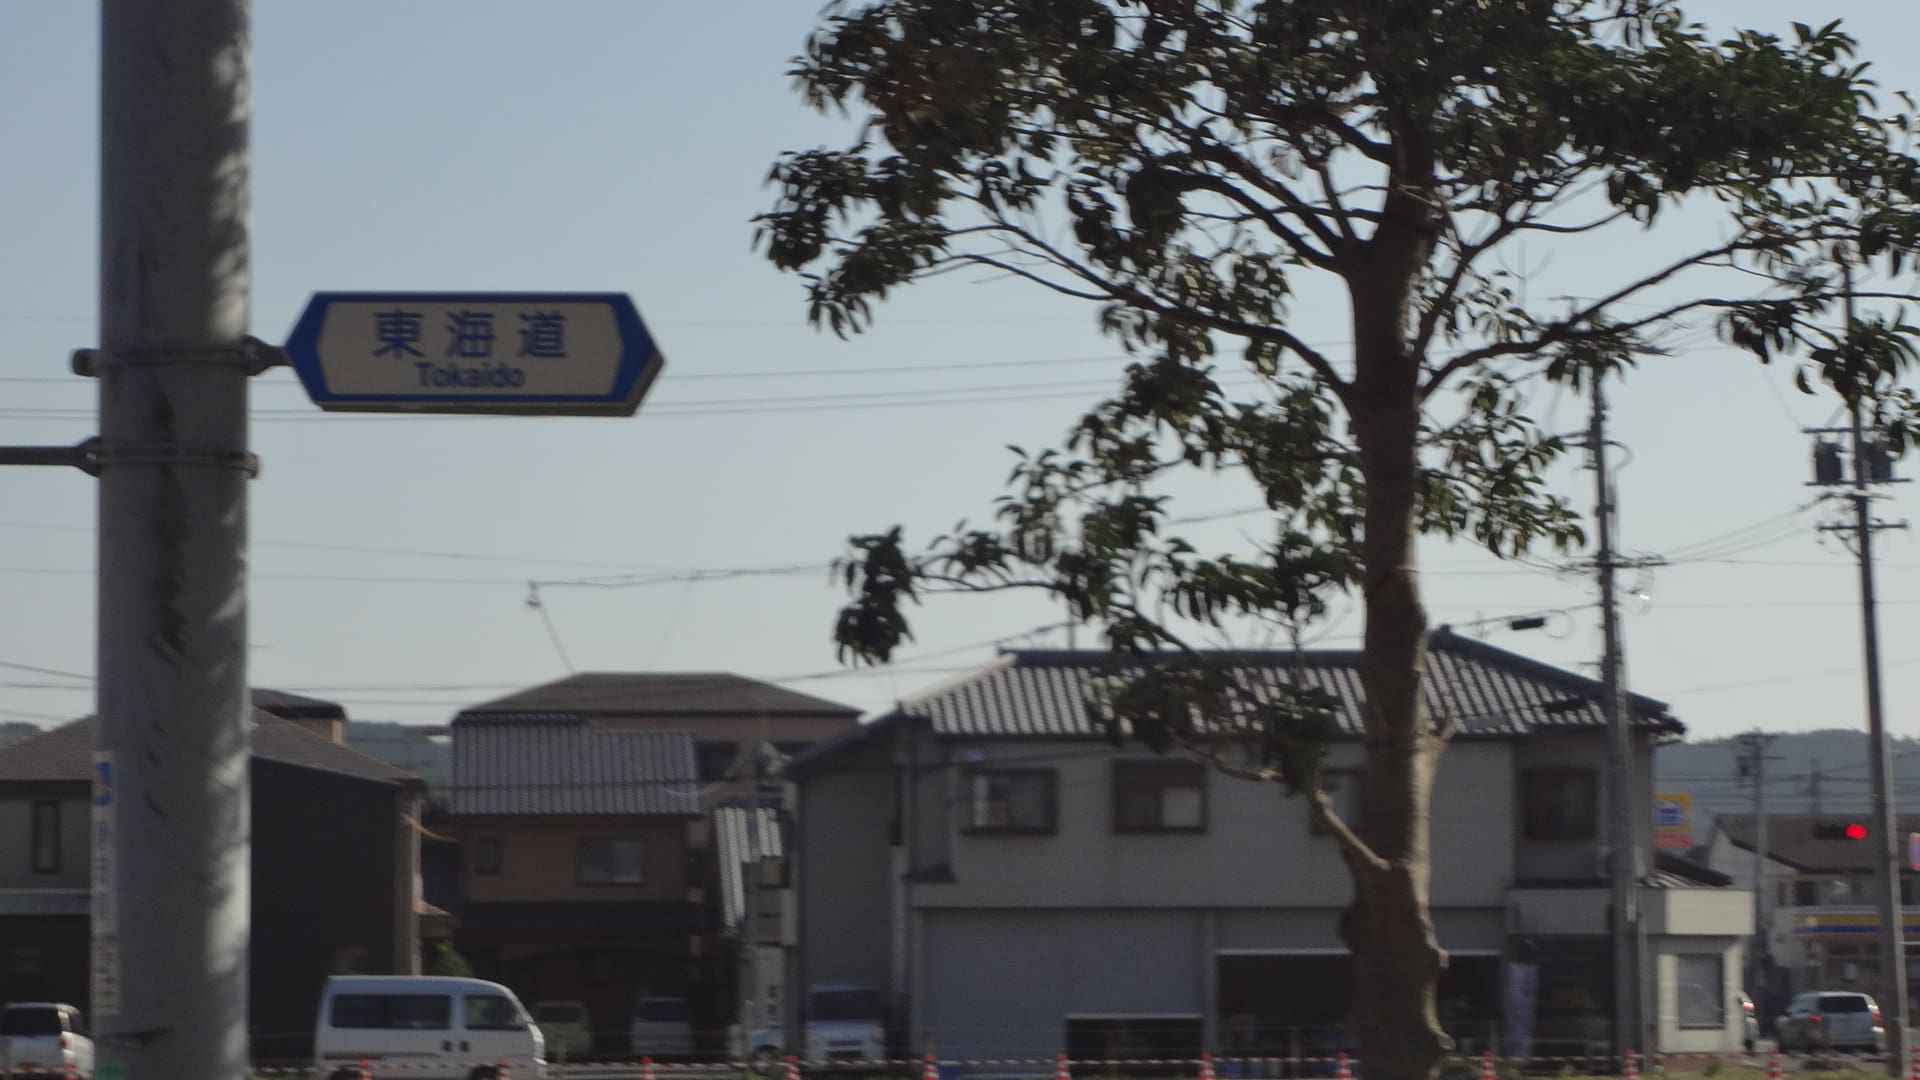 自転車の 袋井駅 自転車 : ... 袋井宿) - 晴れた休日は自転車